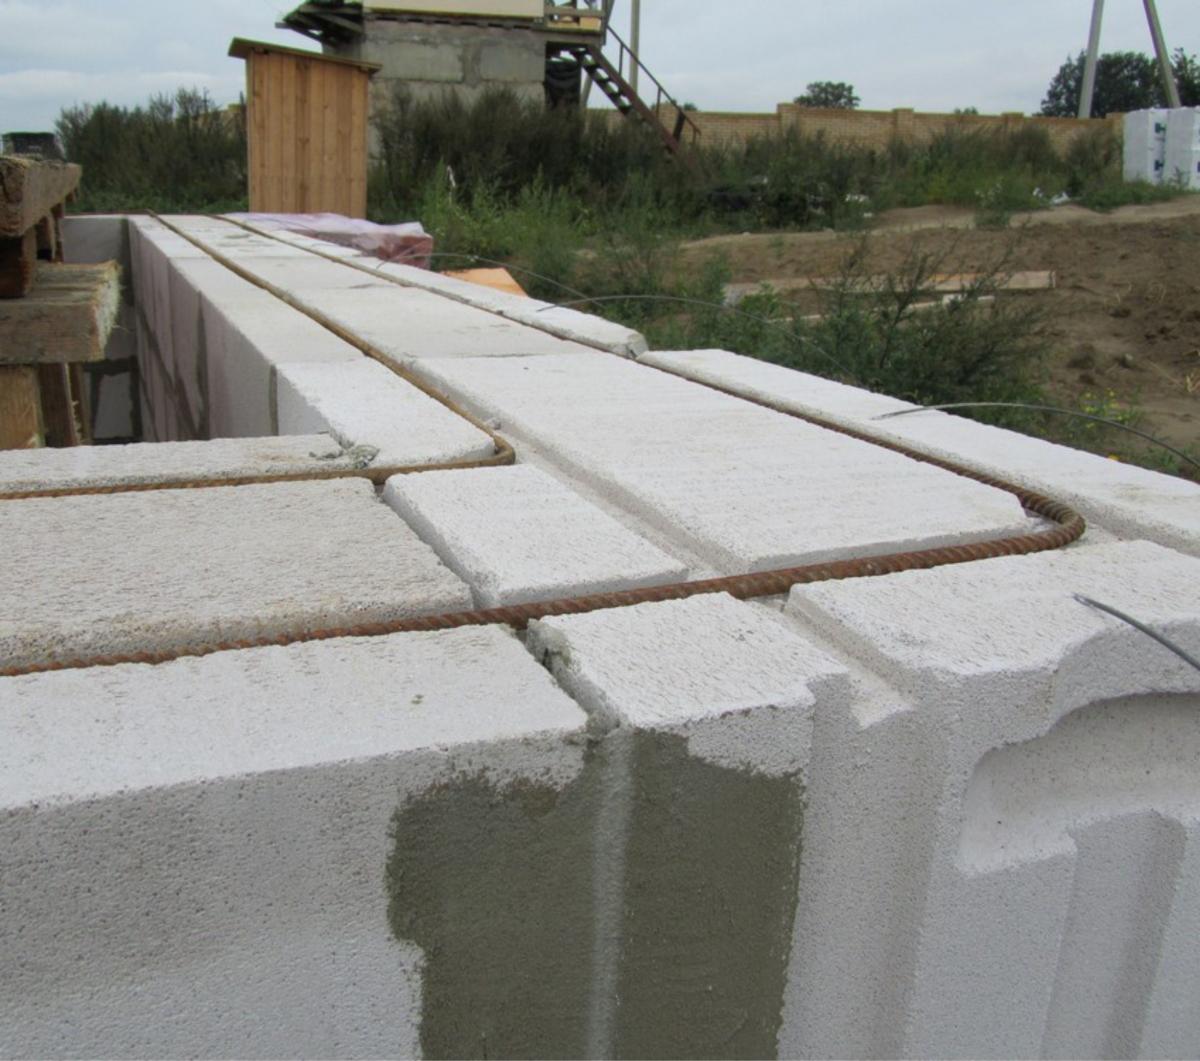 Как известно, он укладывается поверх кирпича и препятствует, в первую очередь, деформации конструкций стены, которая может произойти вследствие движения грунта, а также при его усадке